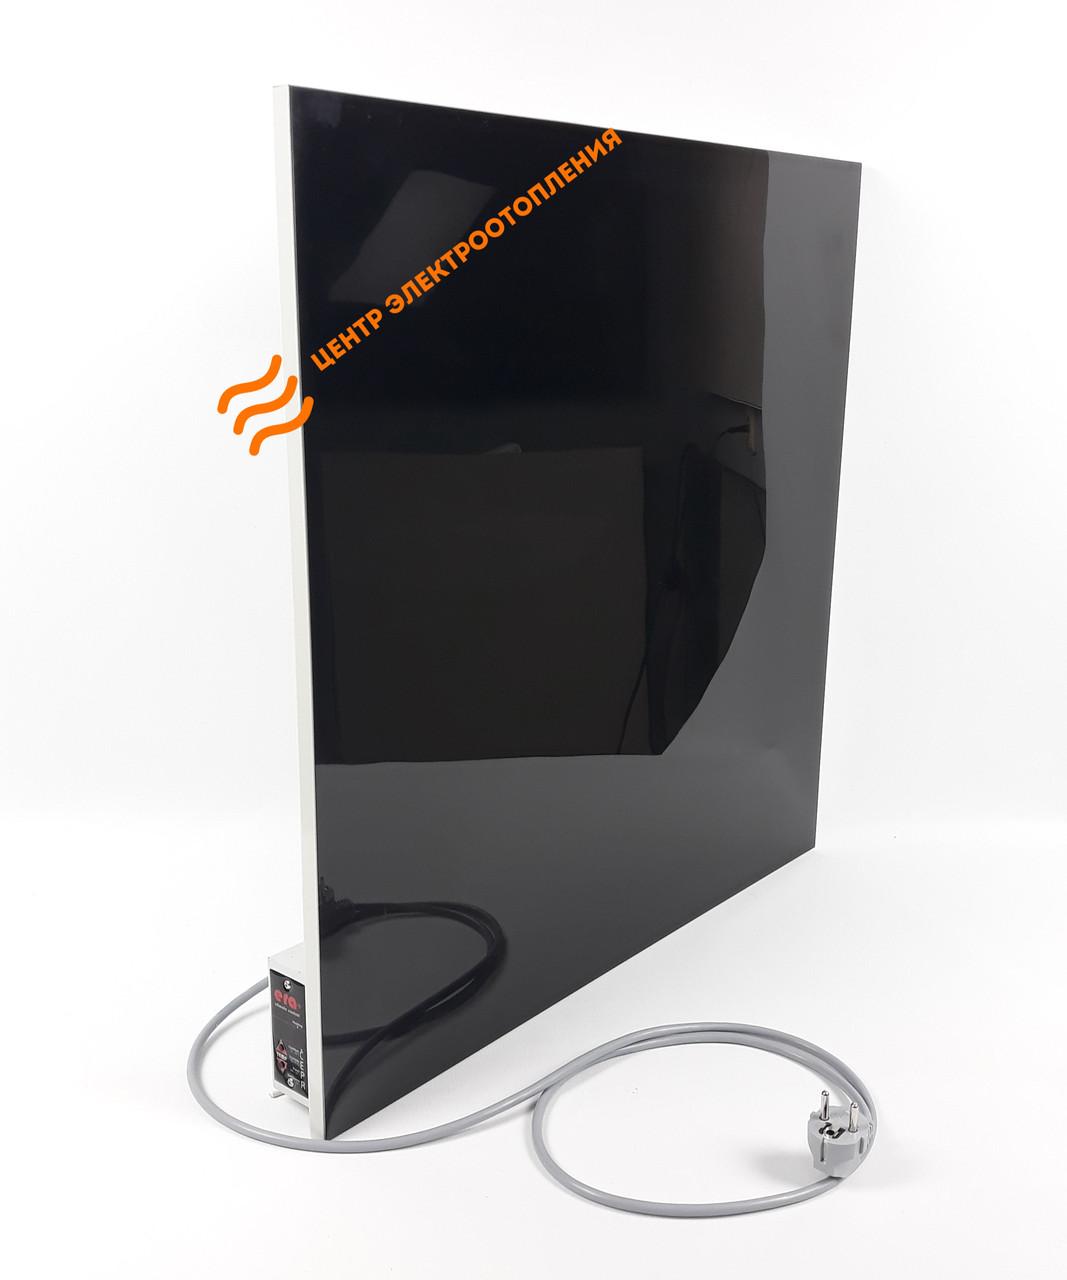 Керамический обогреватель ERA+ 4LTC 500 (чёрный) с программатором